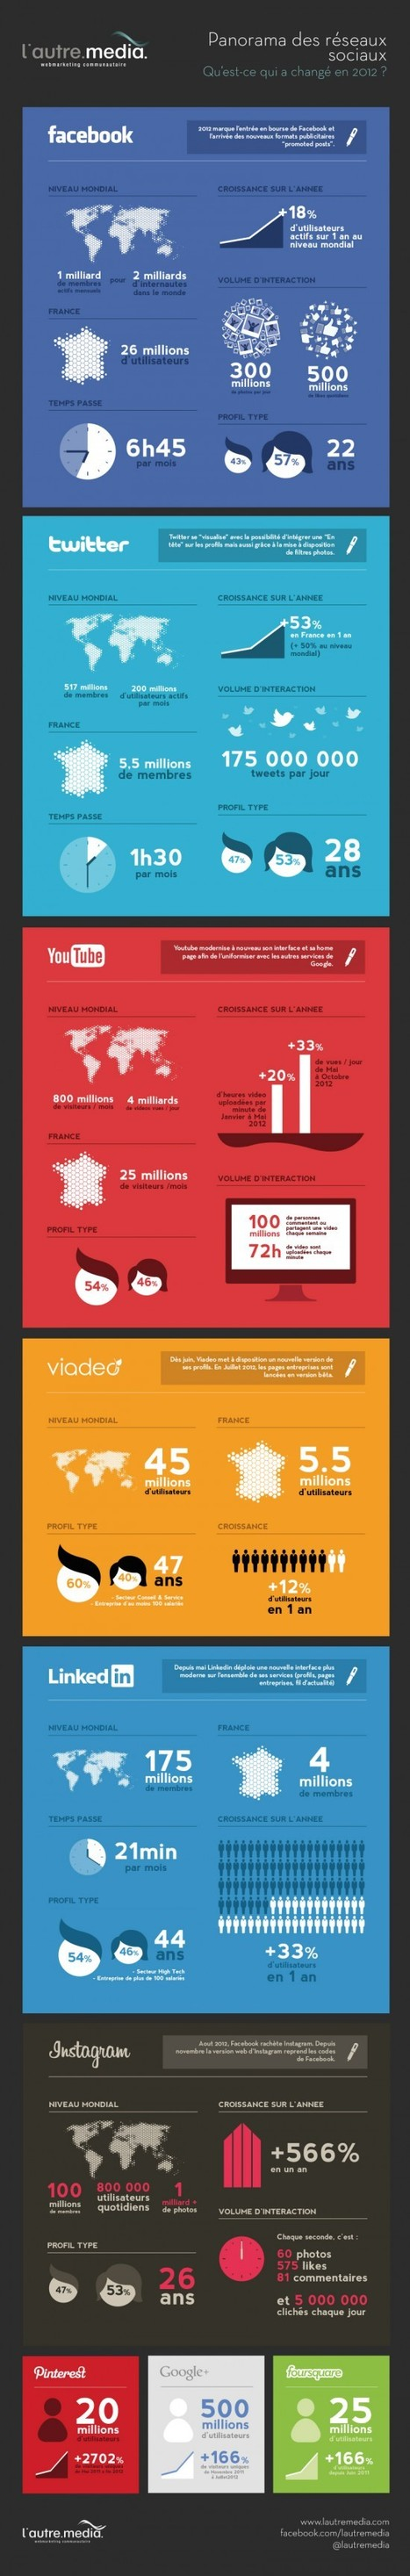 Panorama des réseaux sociaux en France et dans le monde - Blog du modérateur | Veille Energie | Scoop.it